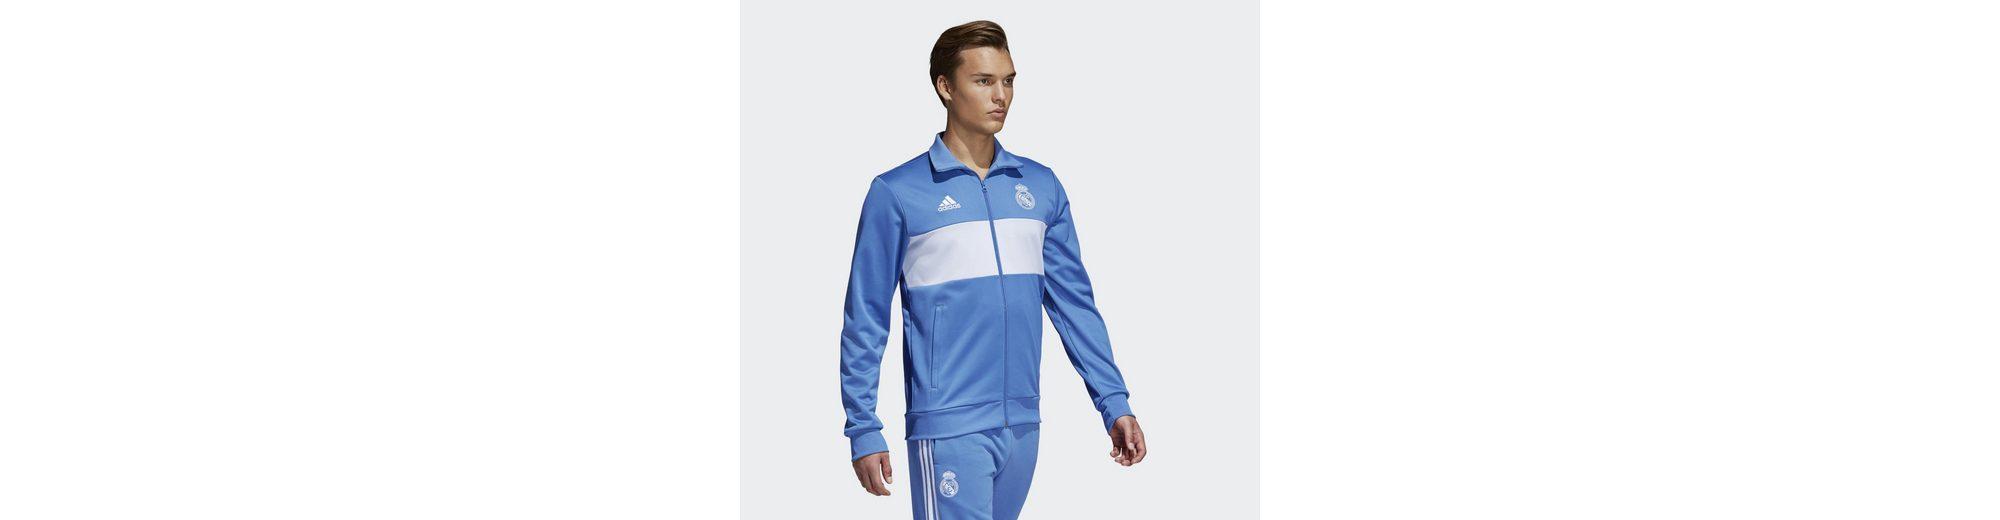 adidas Performance Funktions-Kapuzensweatjacke Real Madrid Spielraum Online Ebay Verkauf Ebay Echt Günstig Online Durchsuche Rabatt Hohe Qualität iNU5B